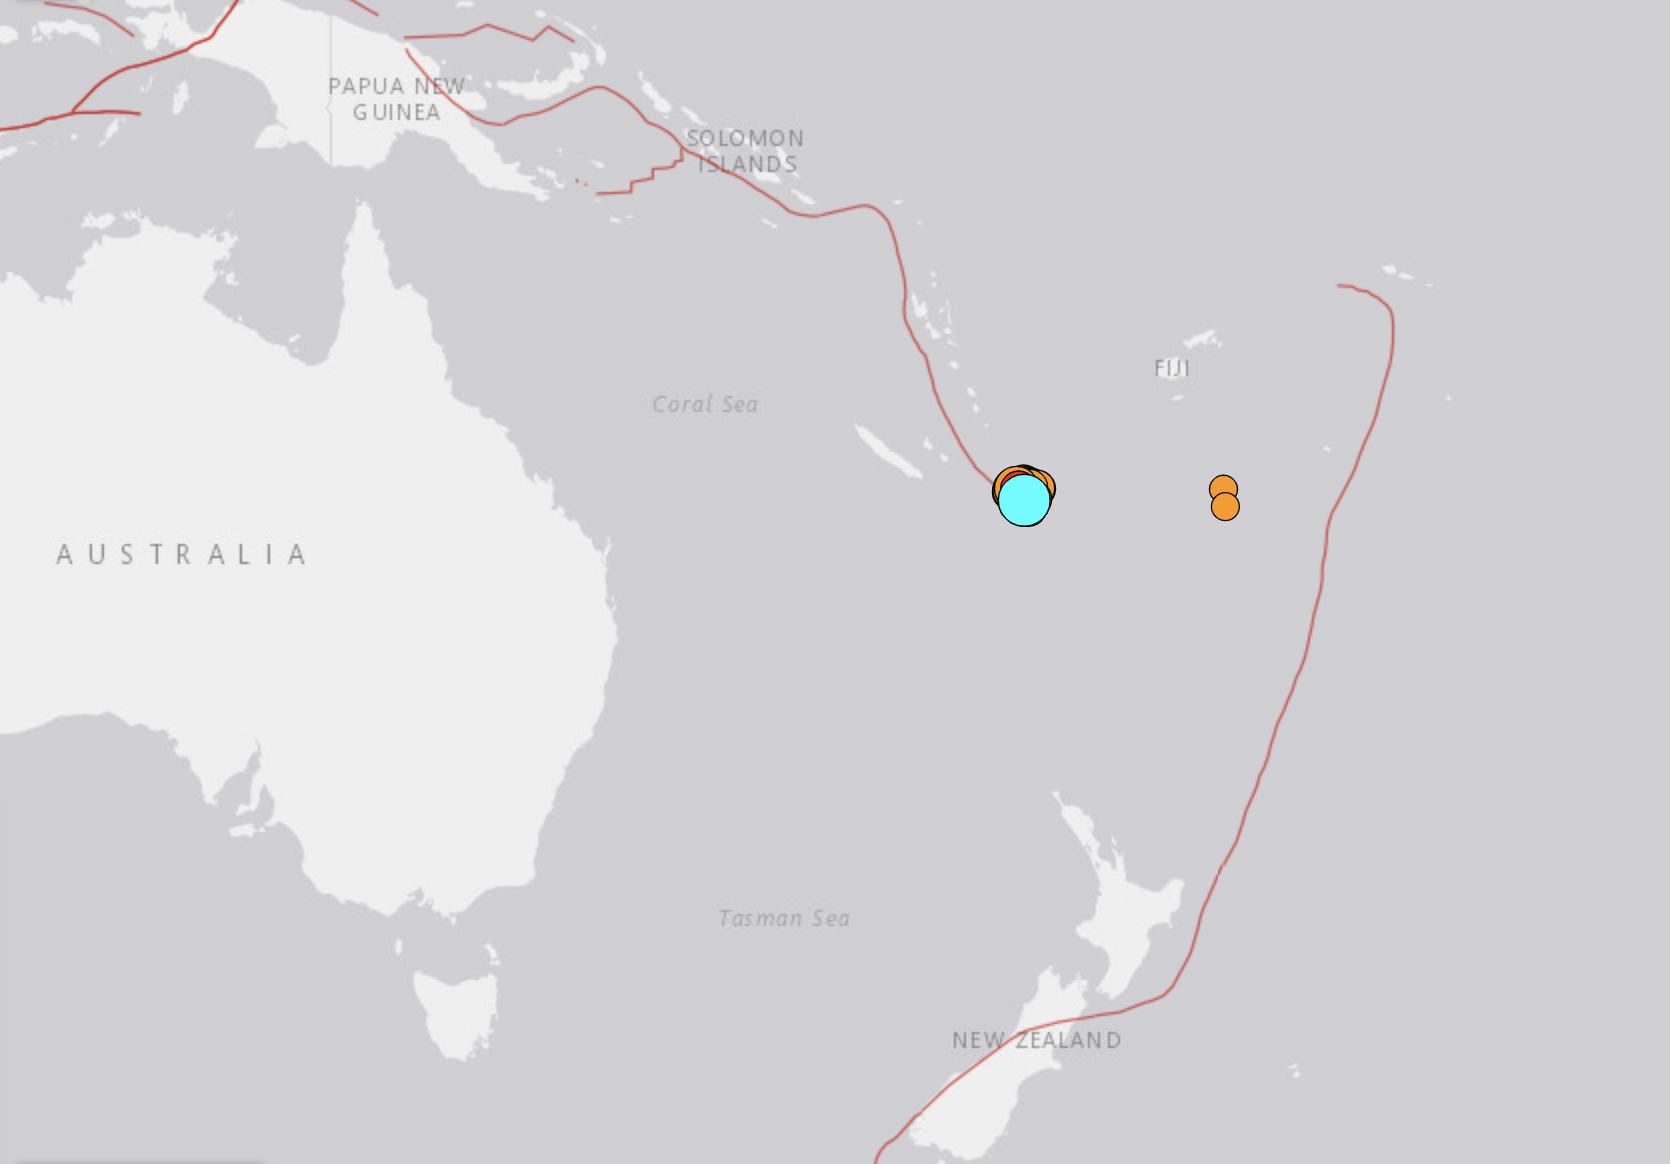 根據美國地質調查局,一場7.7級地震發生在當地時間週四(11日)午夜(格林尼治標準時間13:20)在新喀里多尼亞(New Caledonia)的Vao市以東約415公里(258英里)處,深度為10公里(6.2英里)。(USGS)